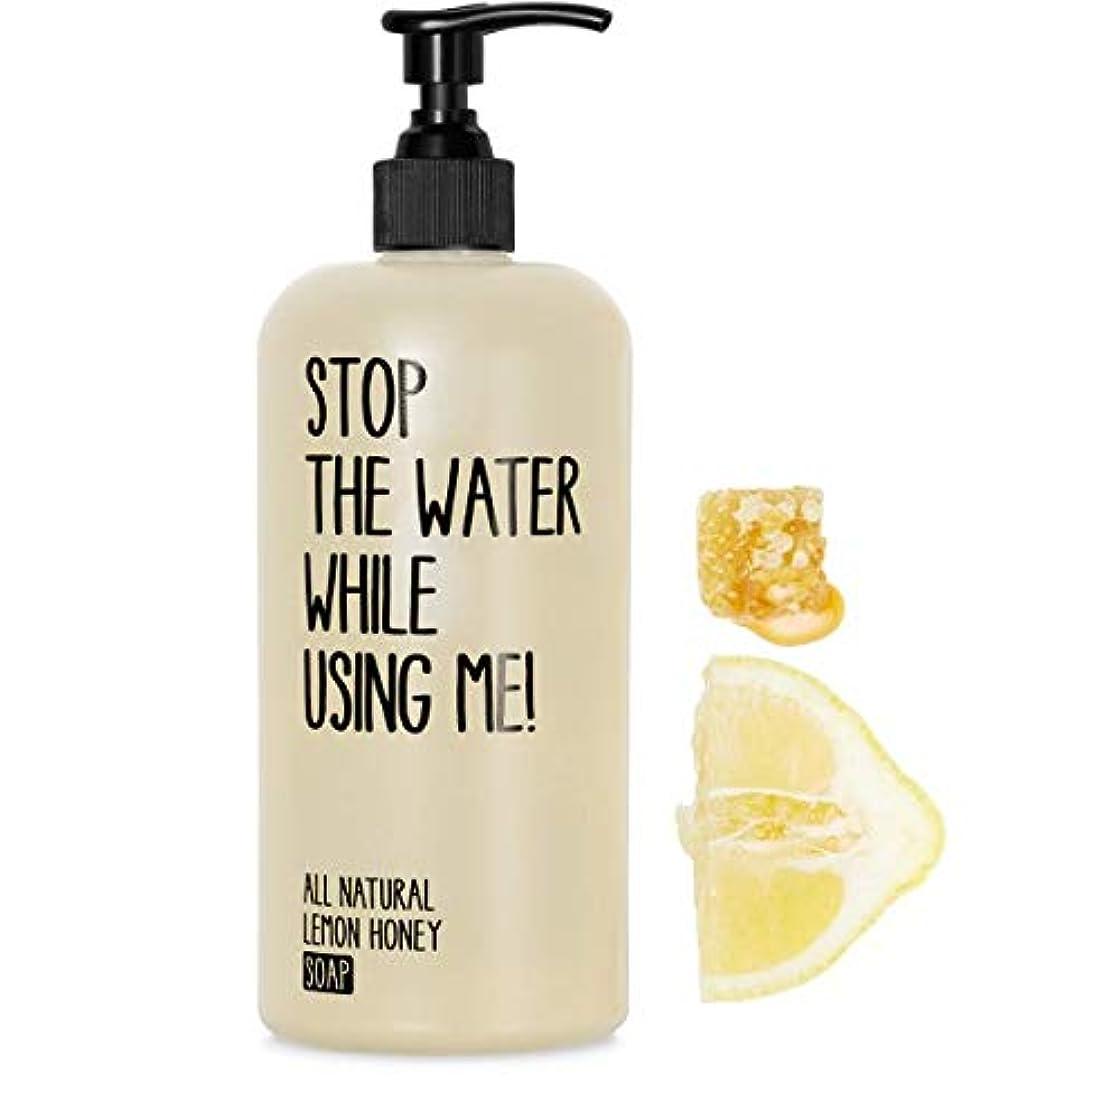 道を作るモネ栄光の【STOP THE WATER WHILE USING ME!】 L&Hソープ(レモン&ハニー) 200ml